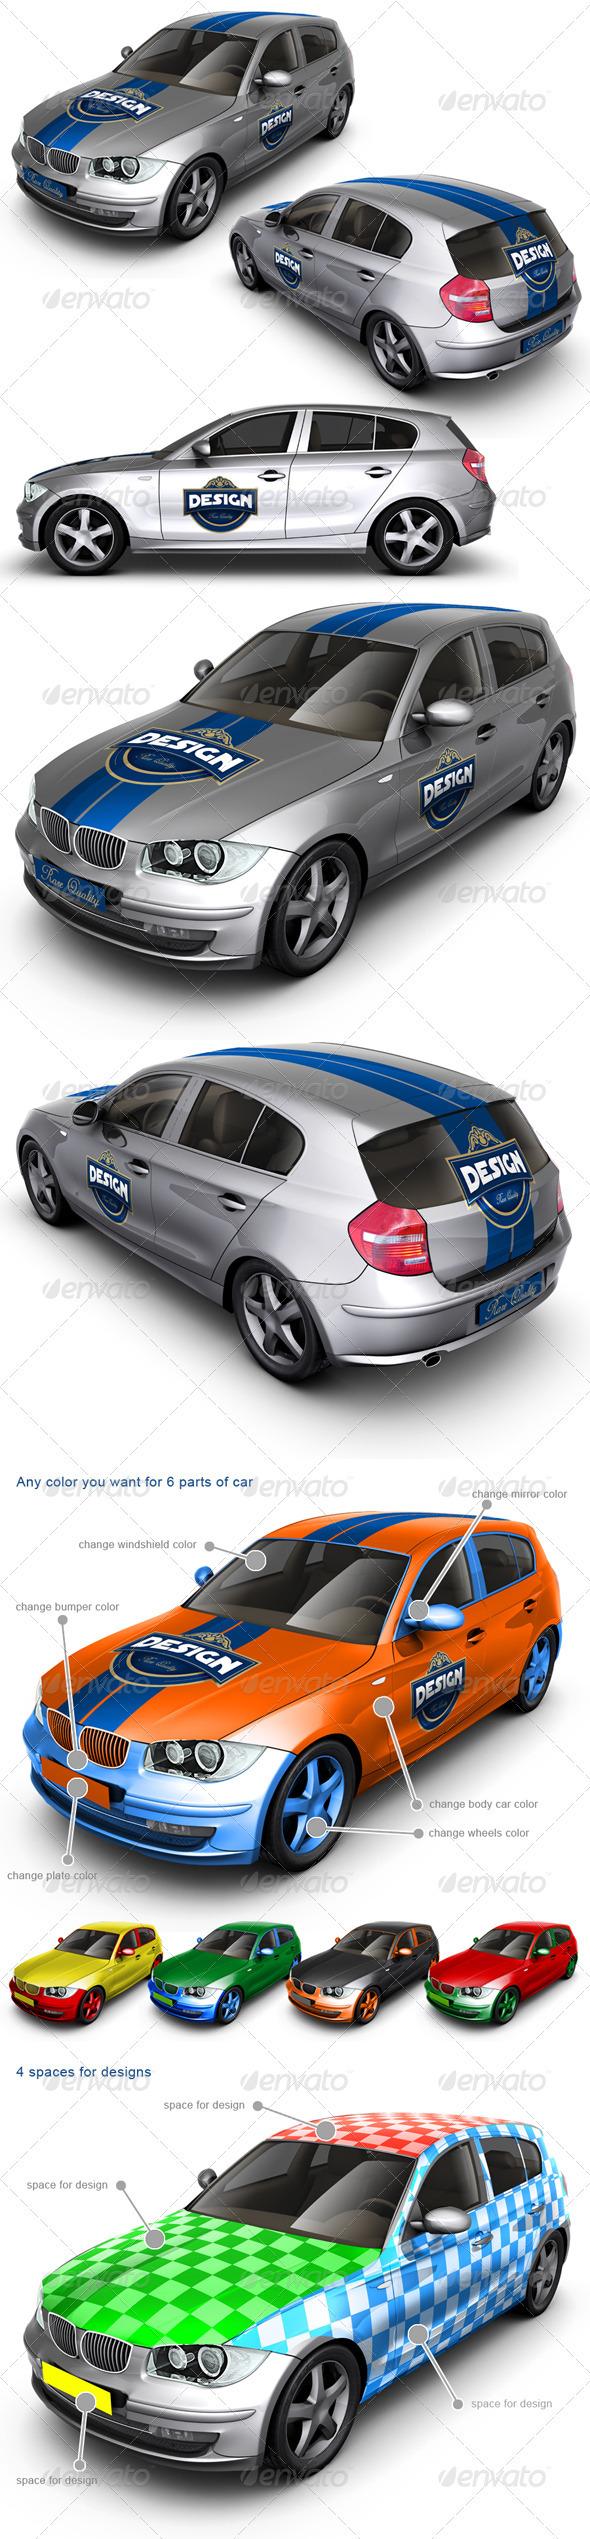 car branding mockup free авто мокап скачать